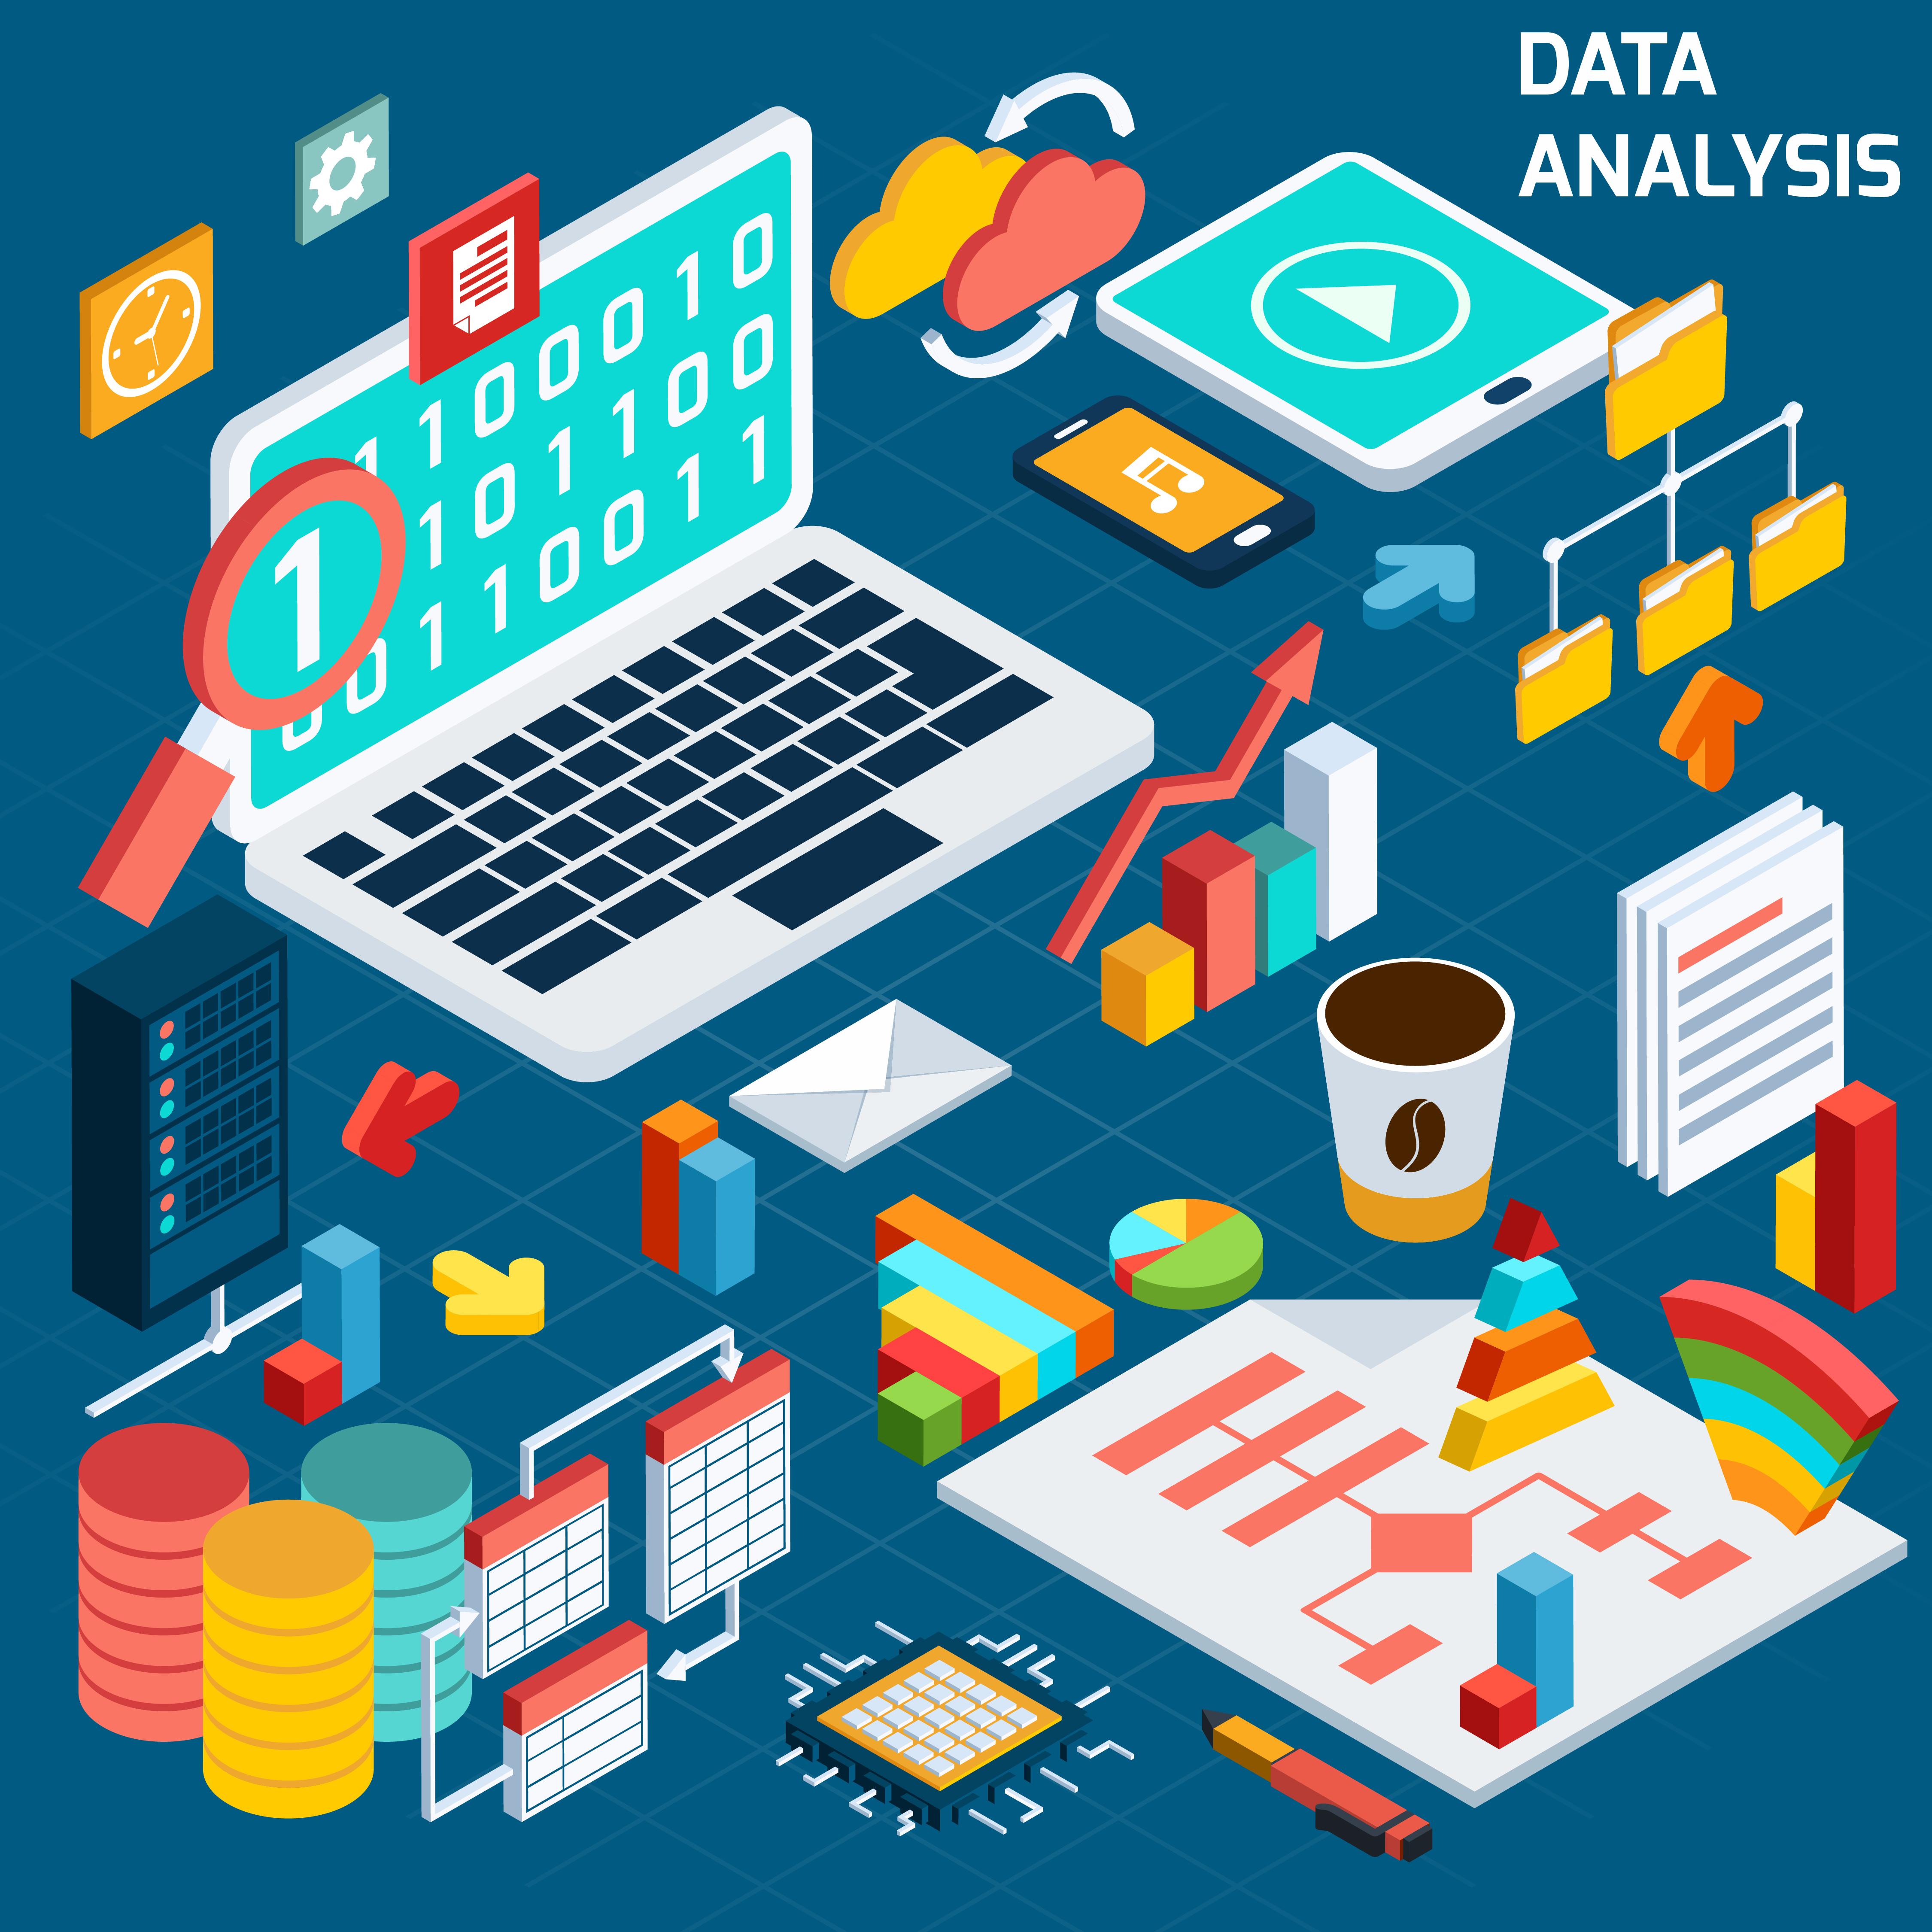 SAS data analytics